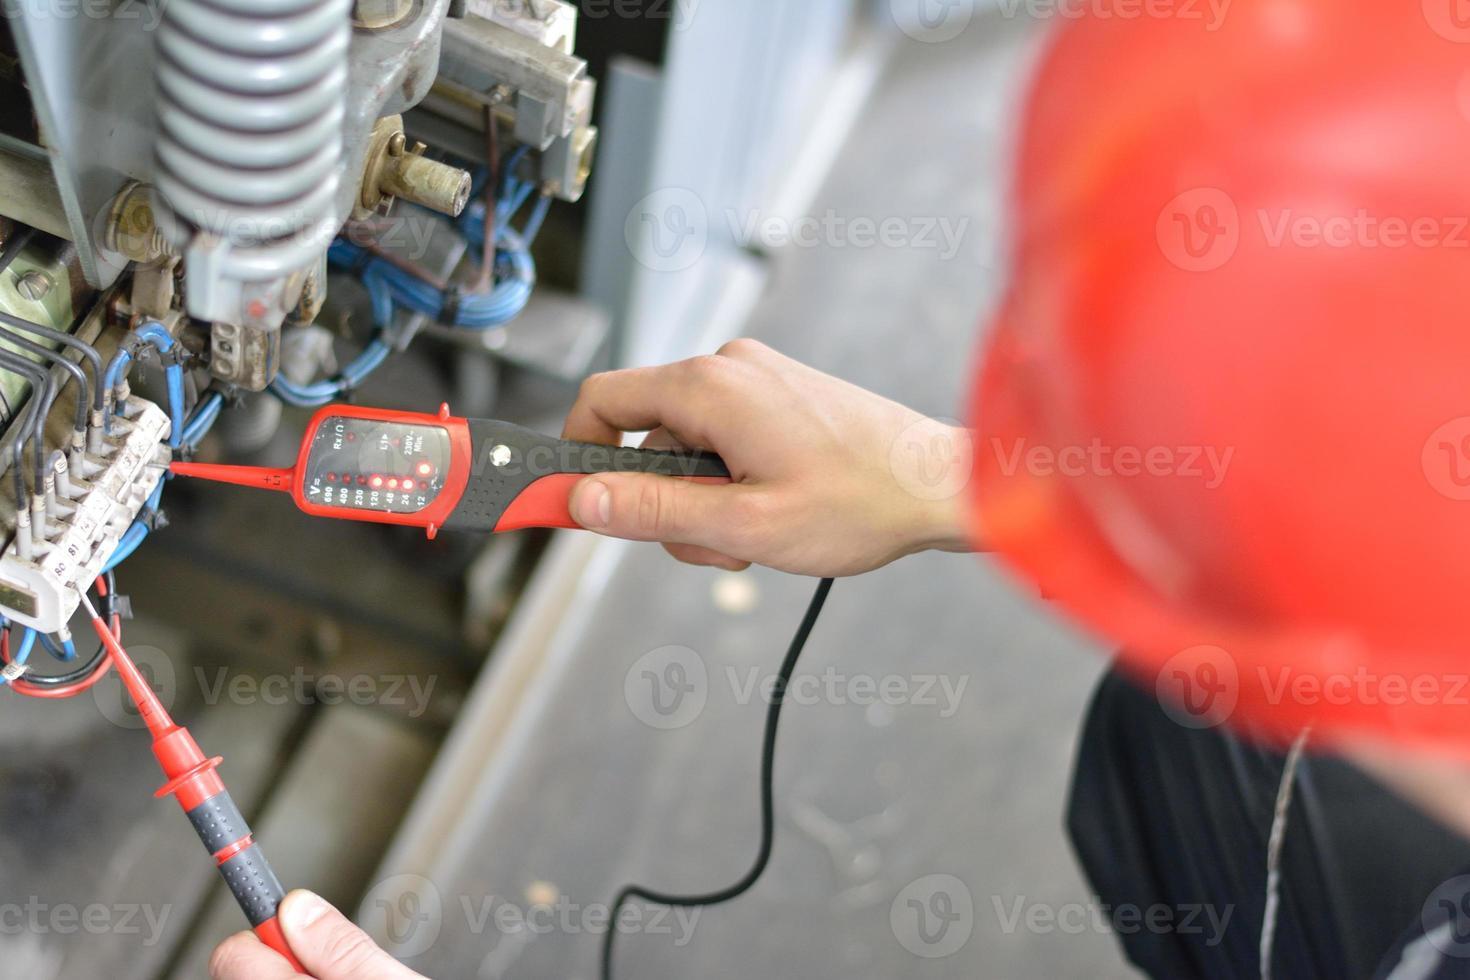 test elettricista per la tensione sulla morsettiera foto